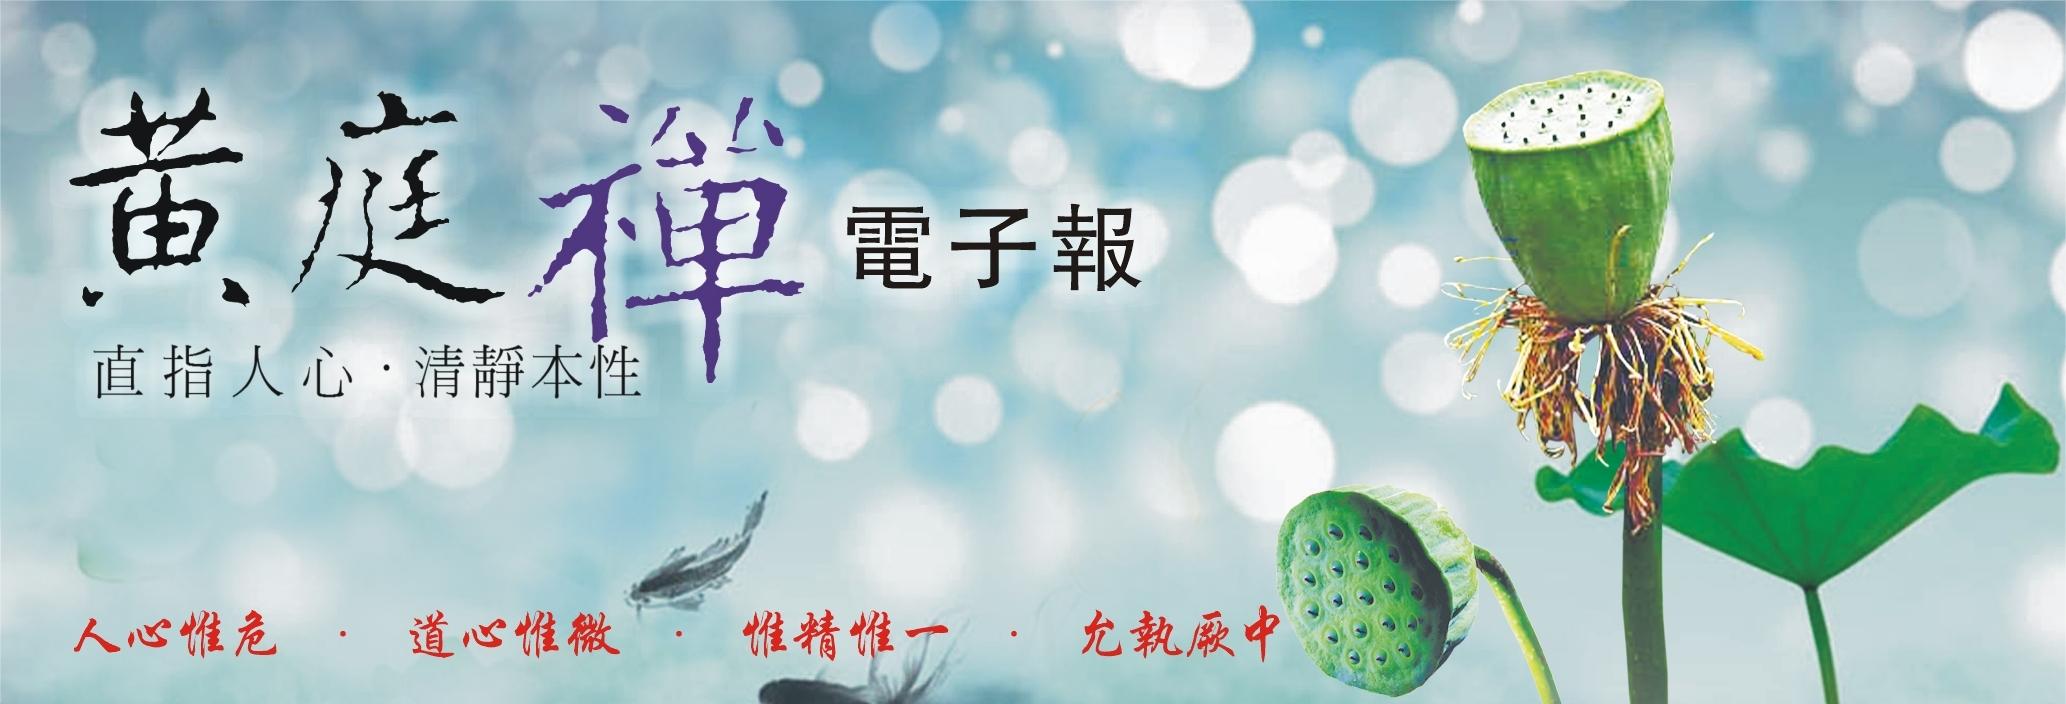 中華黃庭禪學會2015.08.21電子報